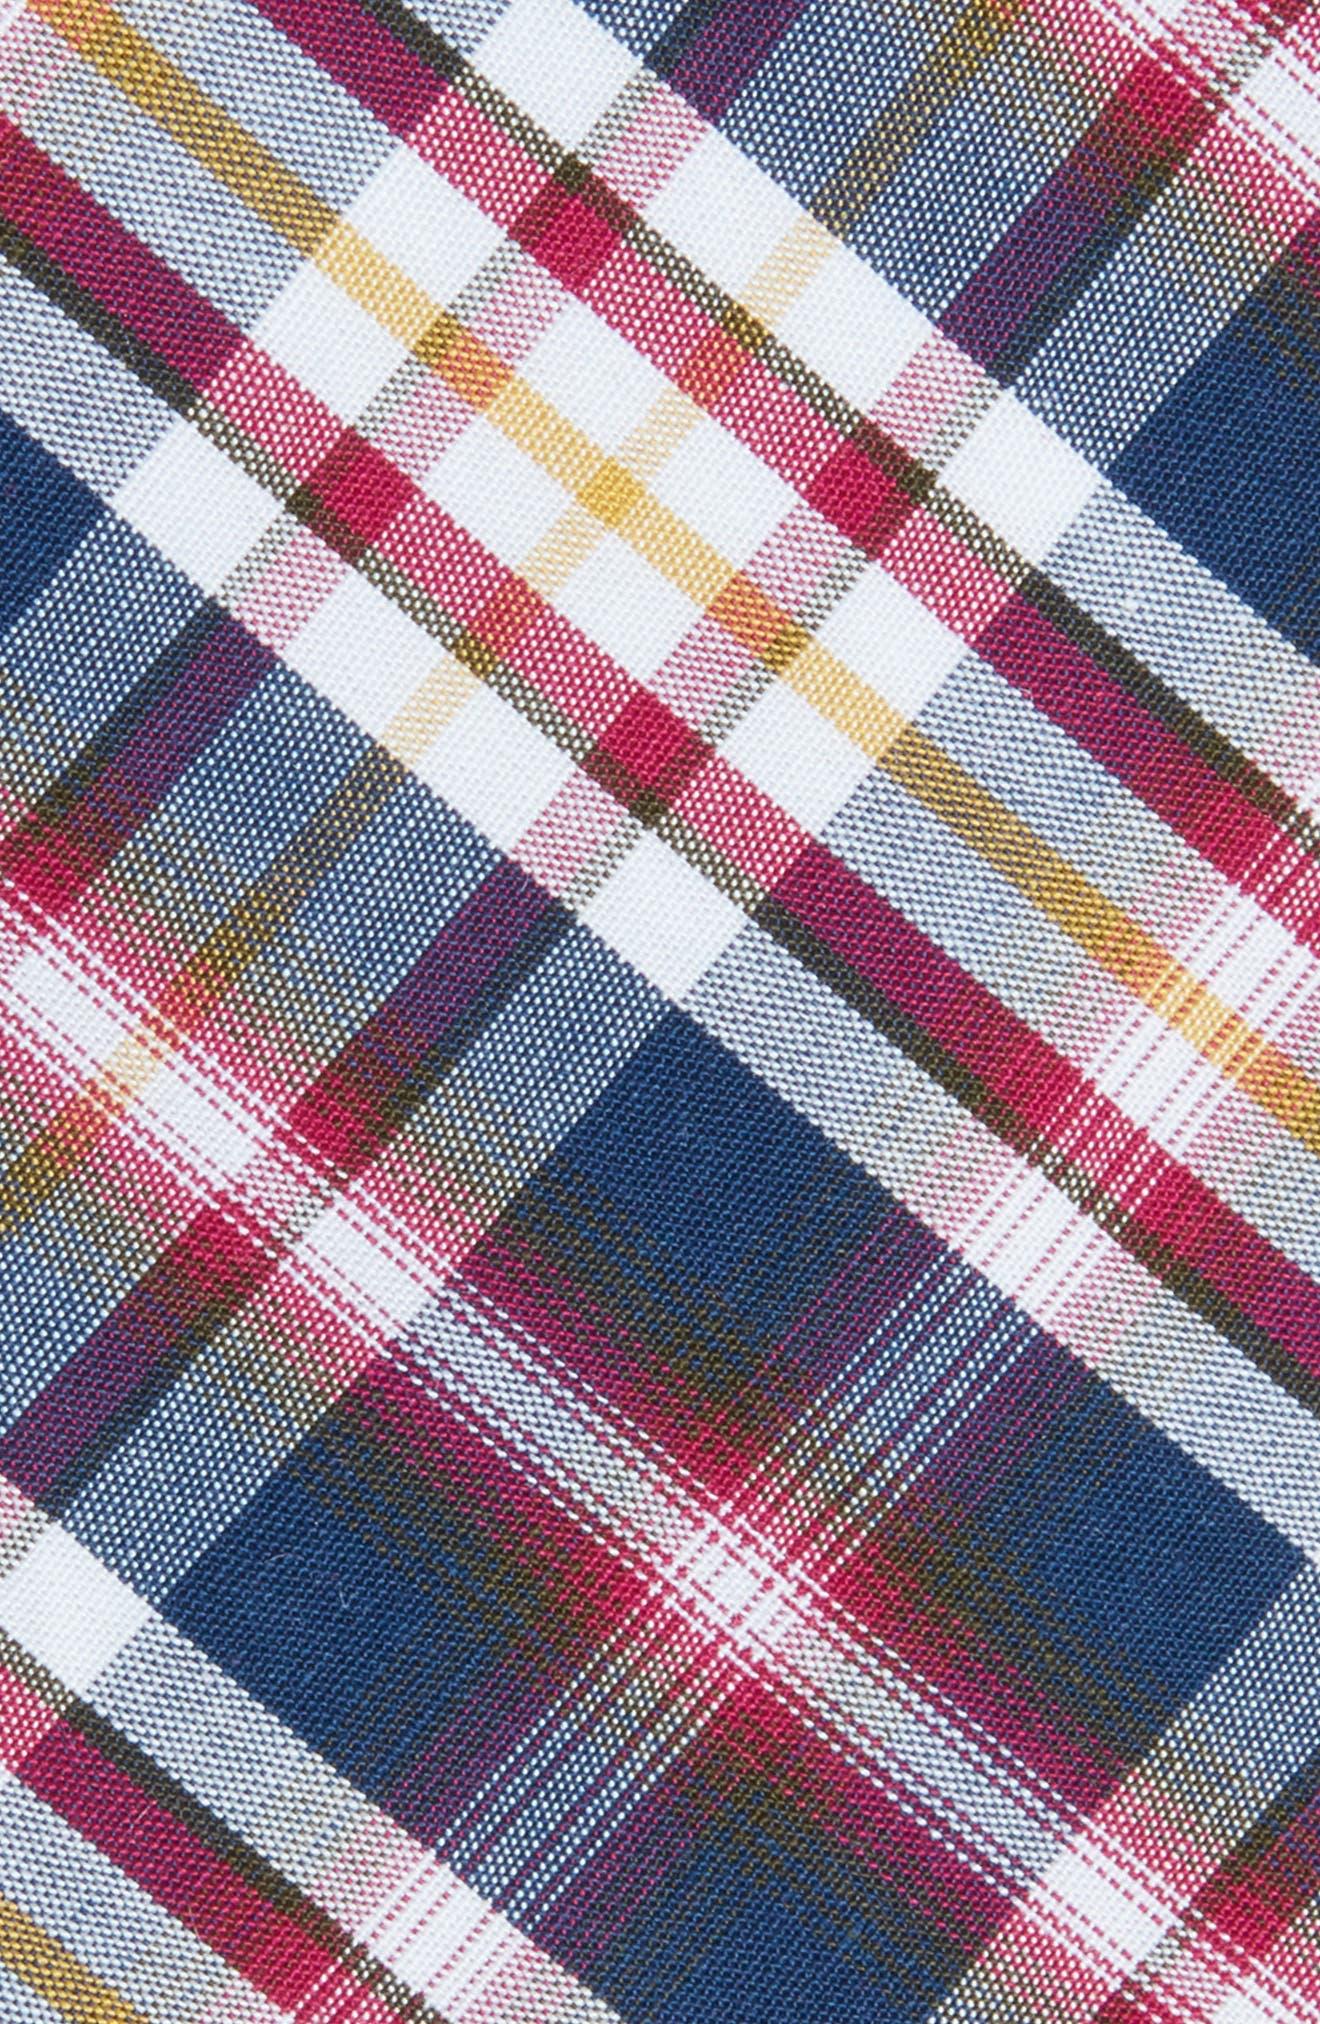 Bridgers Plaid Tie,                             Alternate thumbnail 2, color,                             Berry